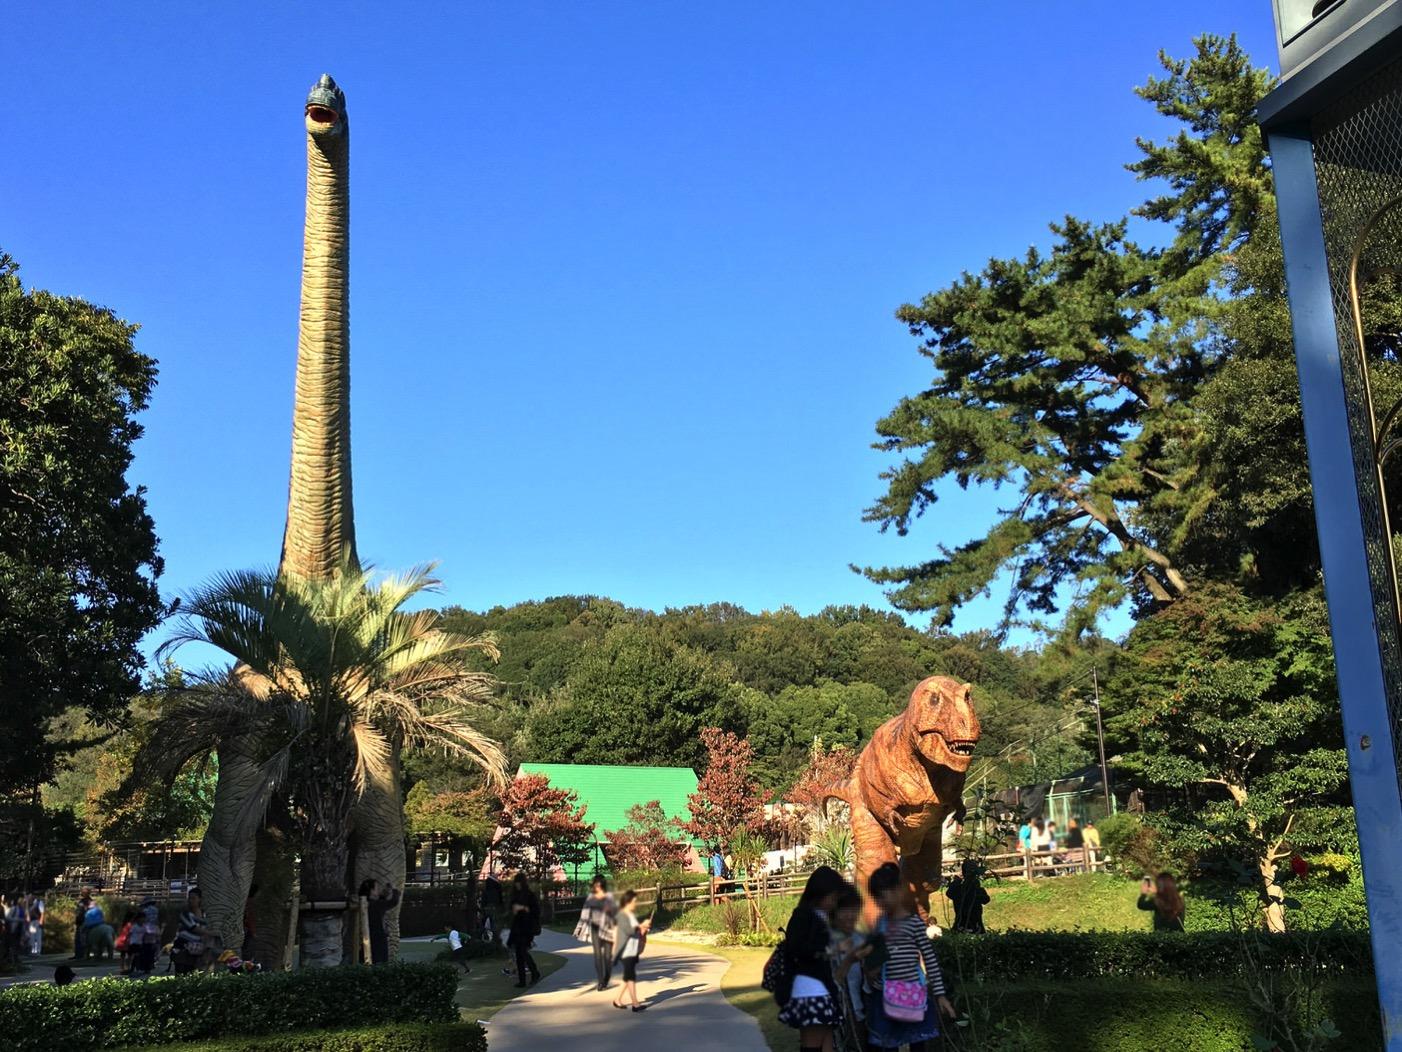 東公園の恐竜モニュメント